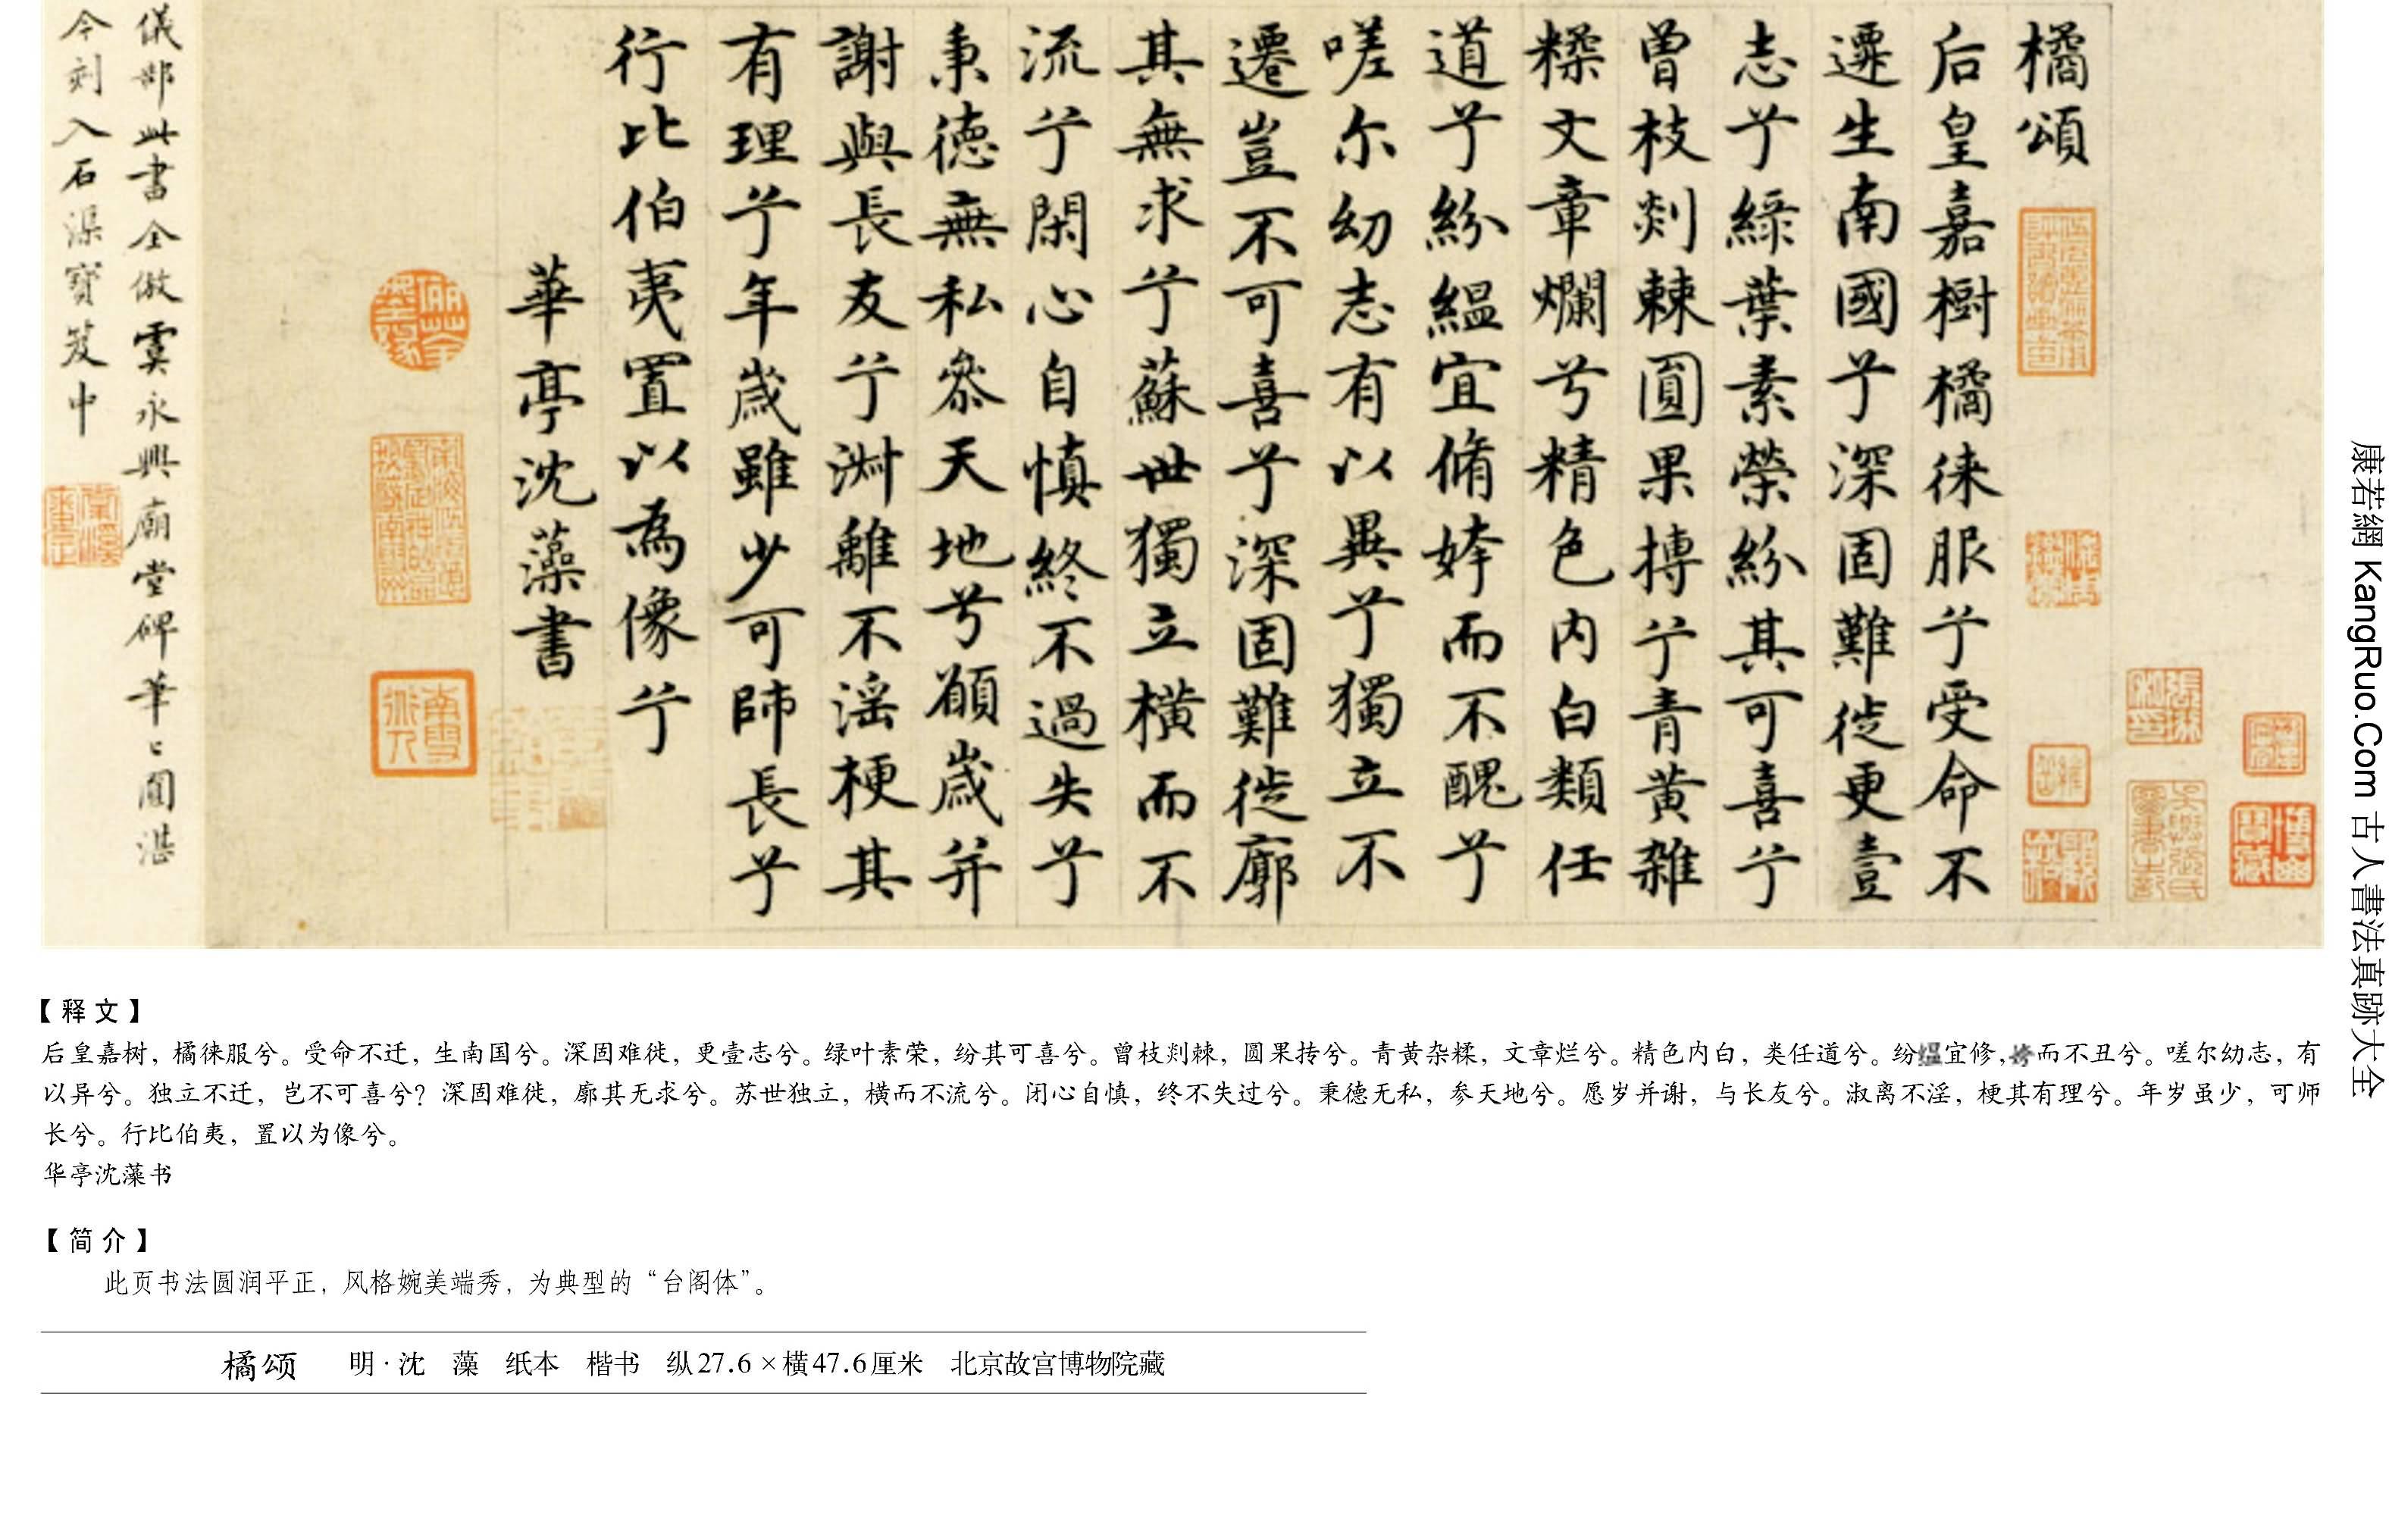 《橘頌》書法真跡(楷書)【明朝·沈藻】_00174